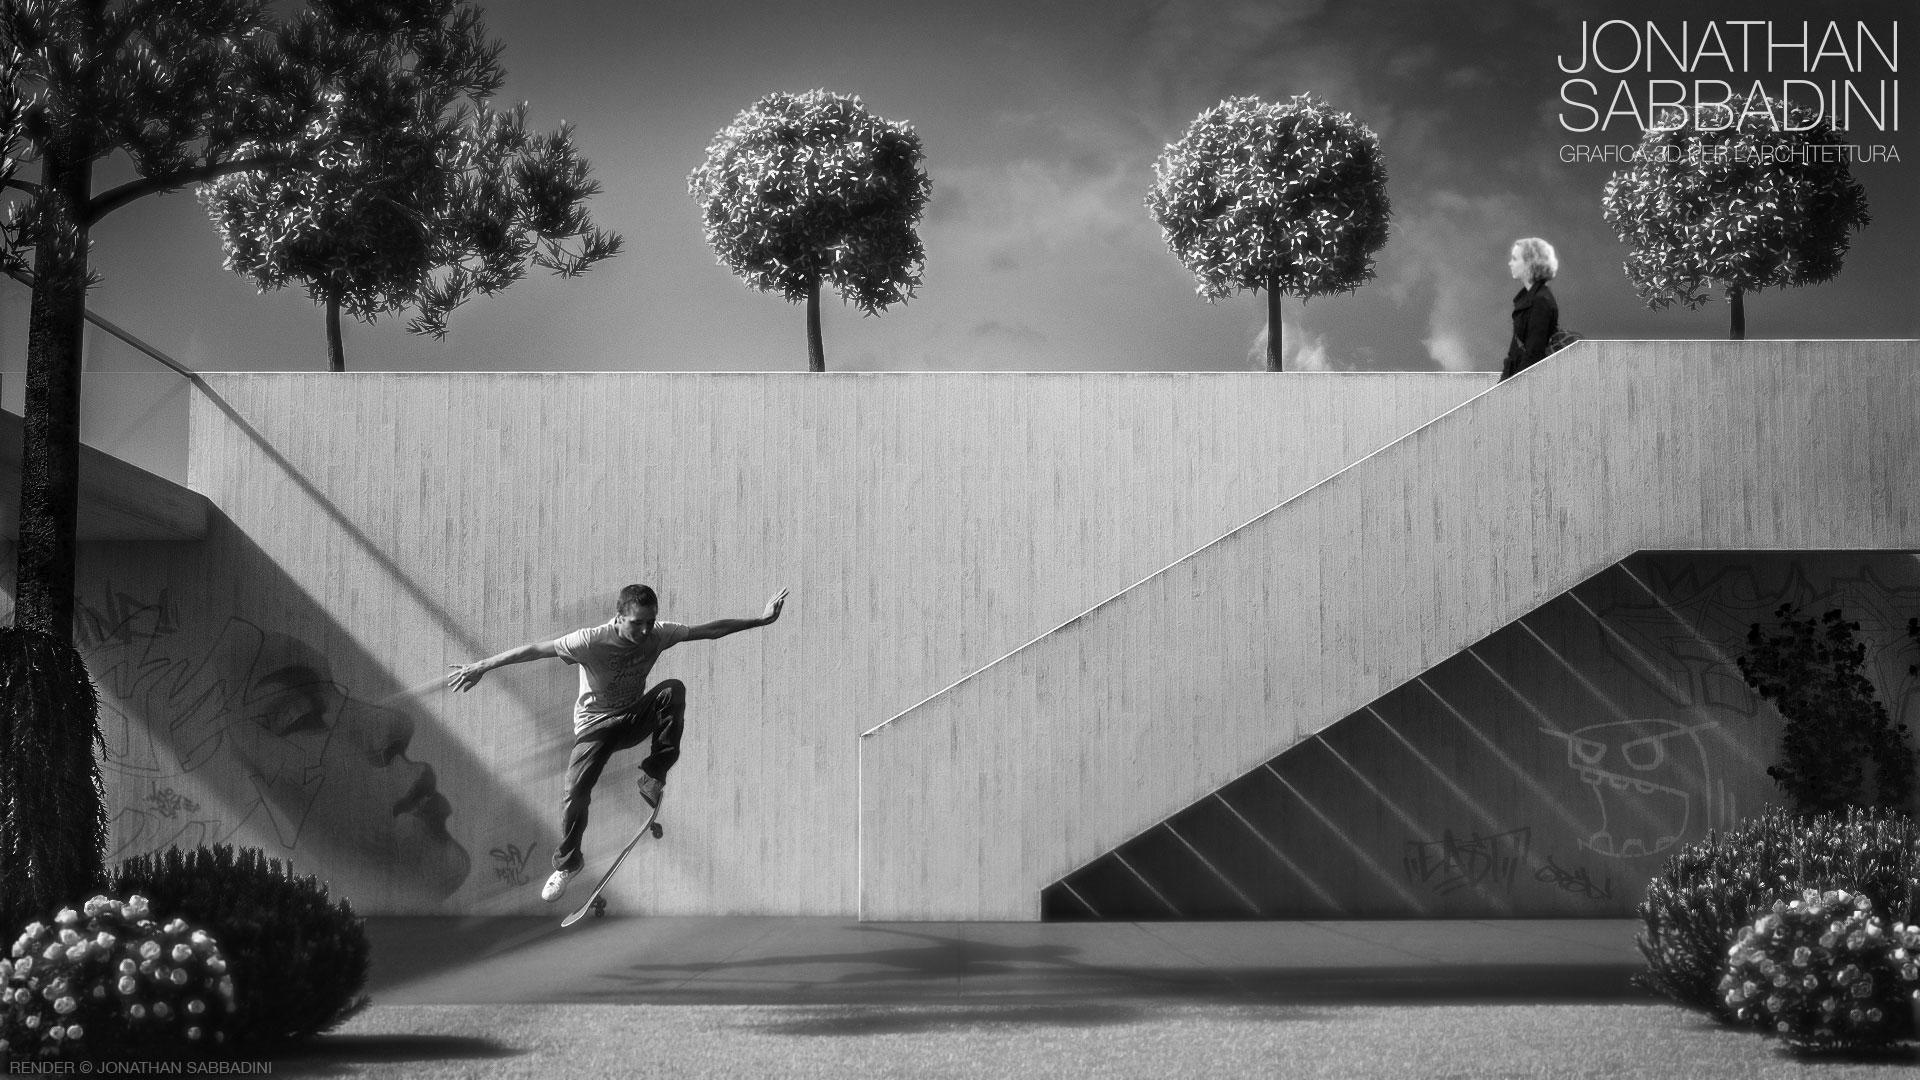 visualizzazione architettonica con materiali fotorealistici - cemento grezzo